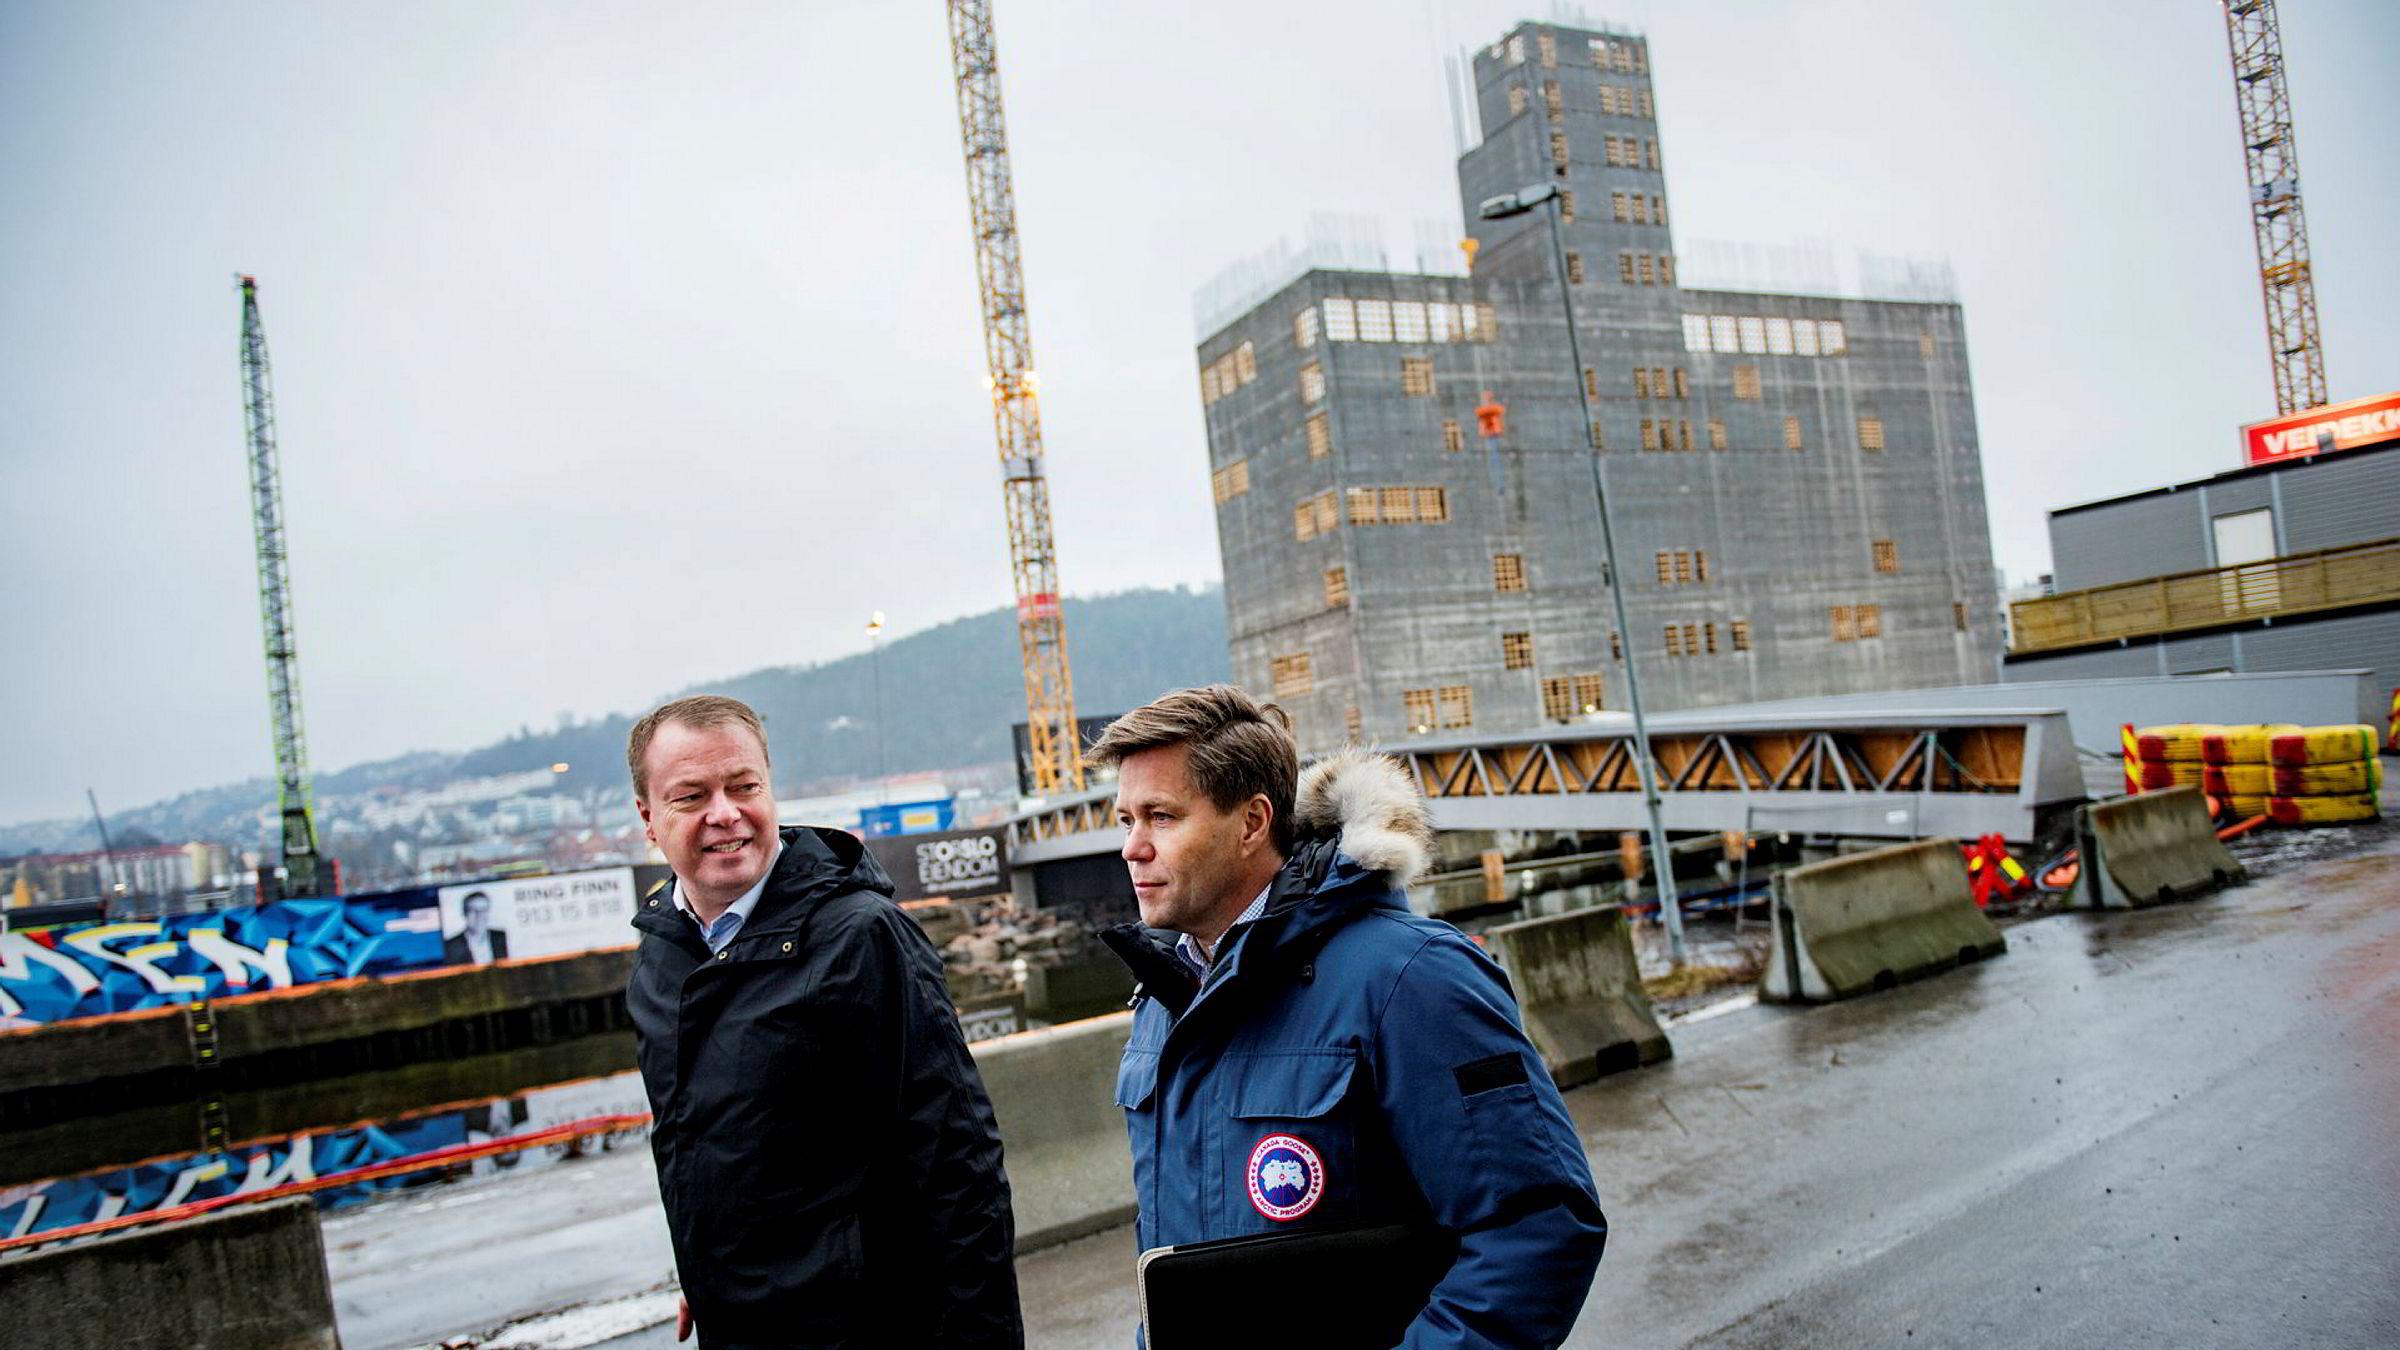 Administrerende direktør Terje Bøe (t.v) håper og tror at de skal unngå konkurs. Her avbildet med daglig leder Per Ove Paulsen i Mil Sec.